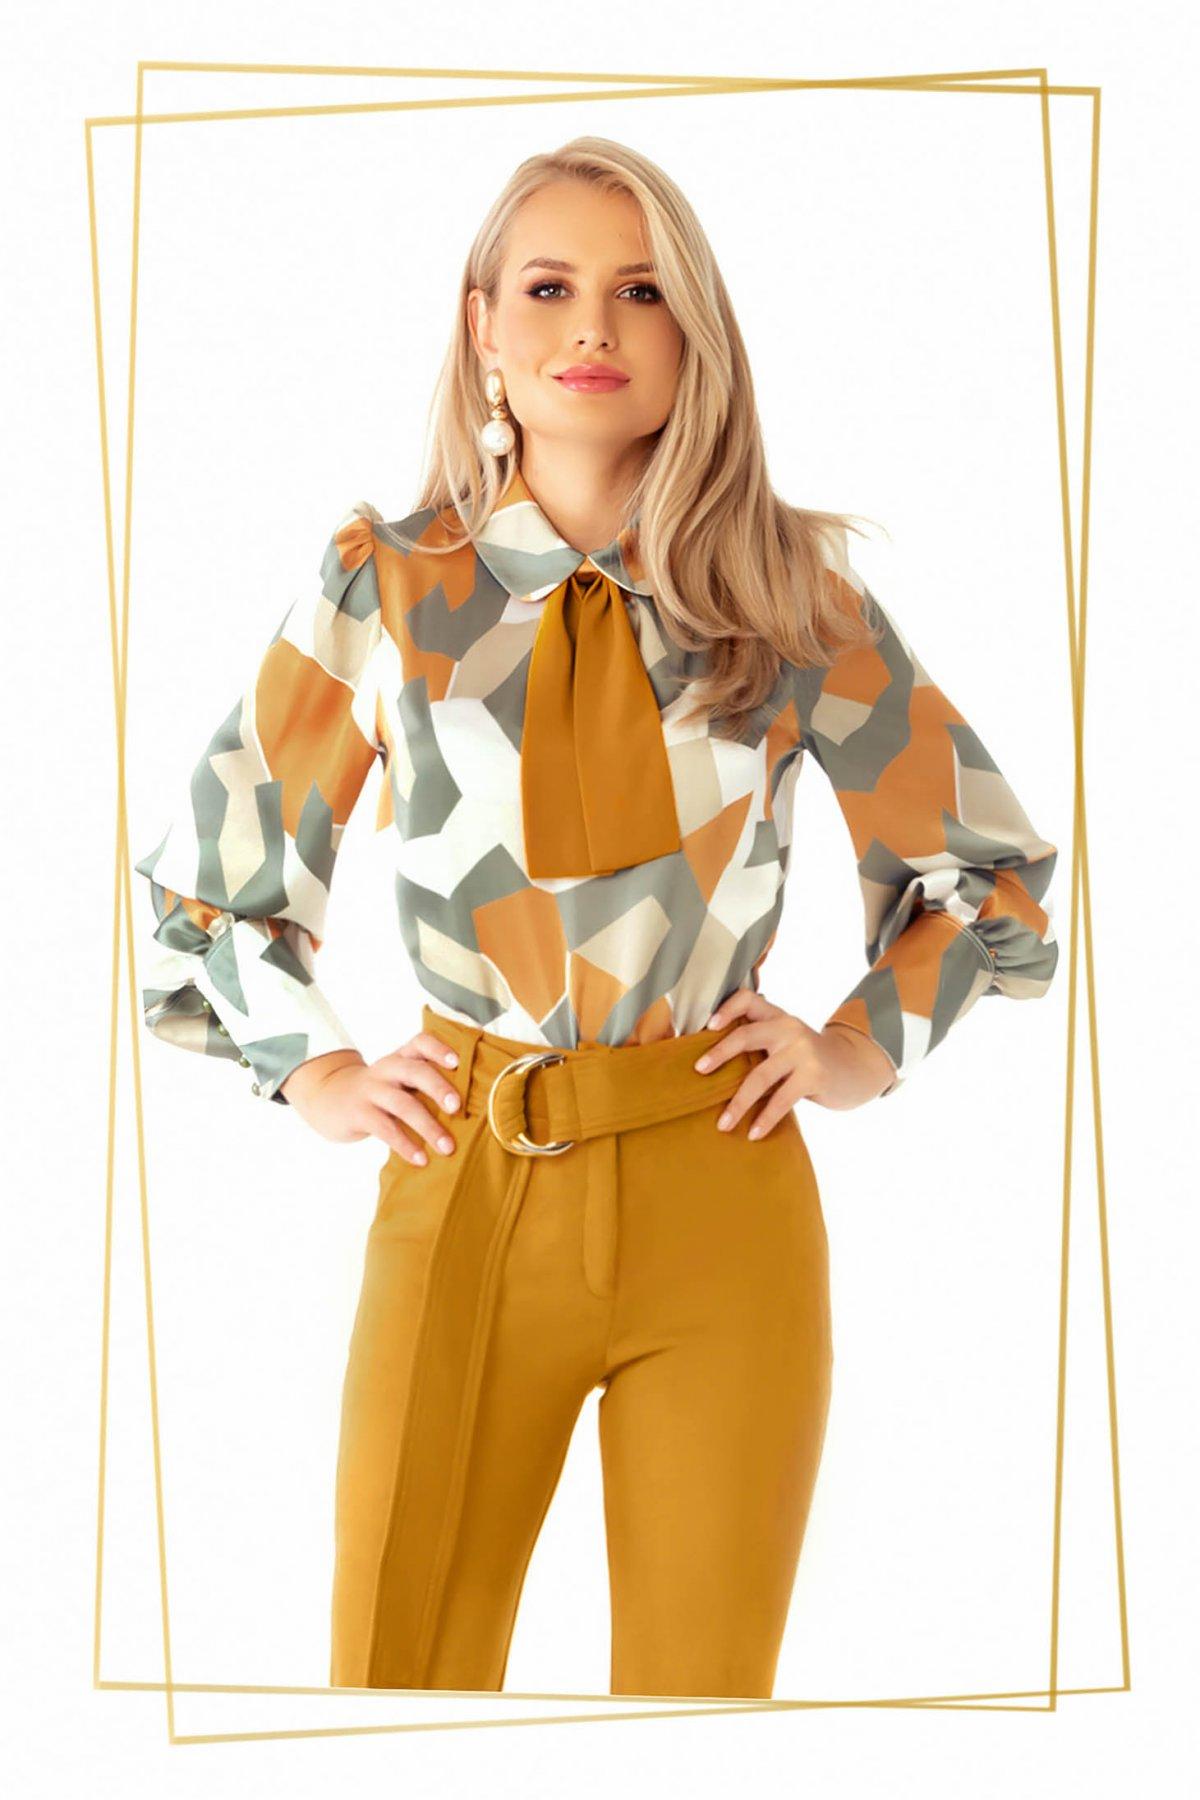 Bluza Dama Prettygirl Mustarie Eleganta Cu Croi Larg Cu Maneci Bufante Din Material Satinat Cu Imprimeu Geometric